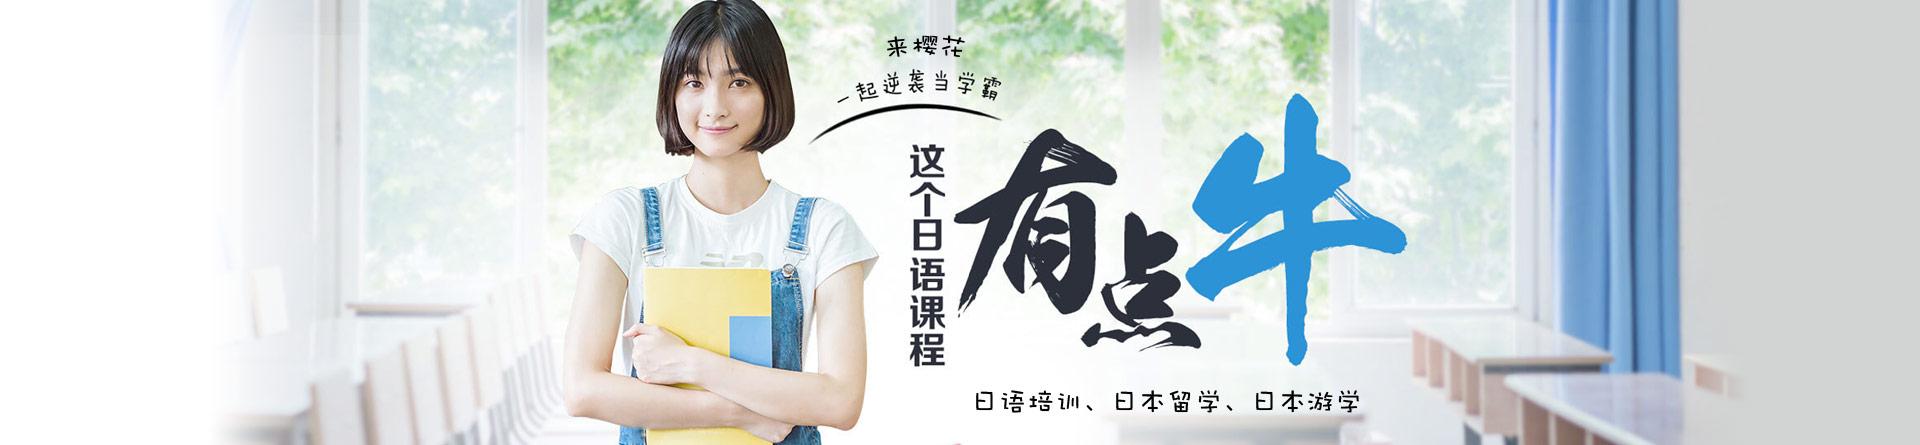 佛山樱花国际日语培训学校